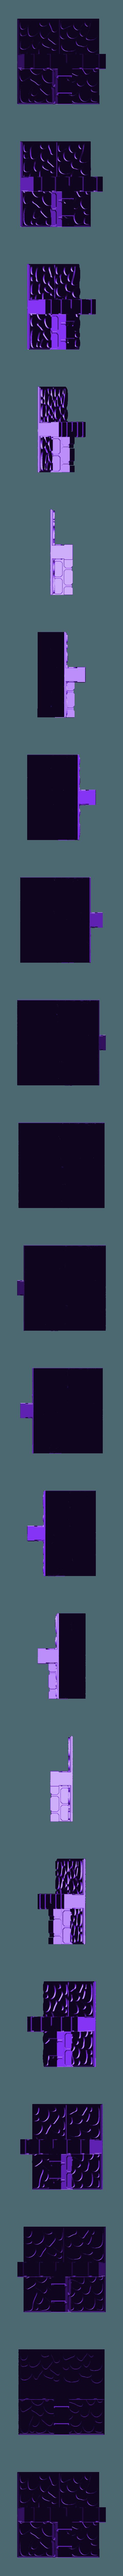 Finalized_Wall_T.stl Télécharger fichier STL GeneriTiles - Topset de table RPG • Modèle pour imprimante 3D, daandruff